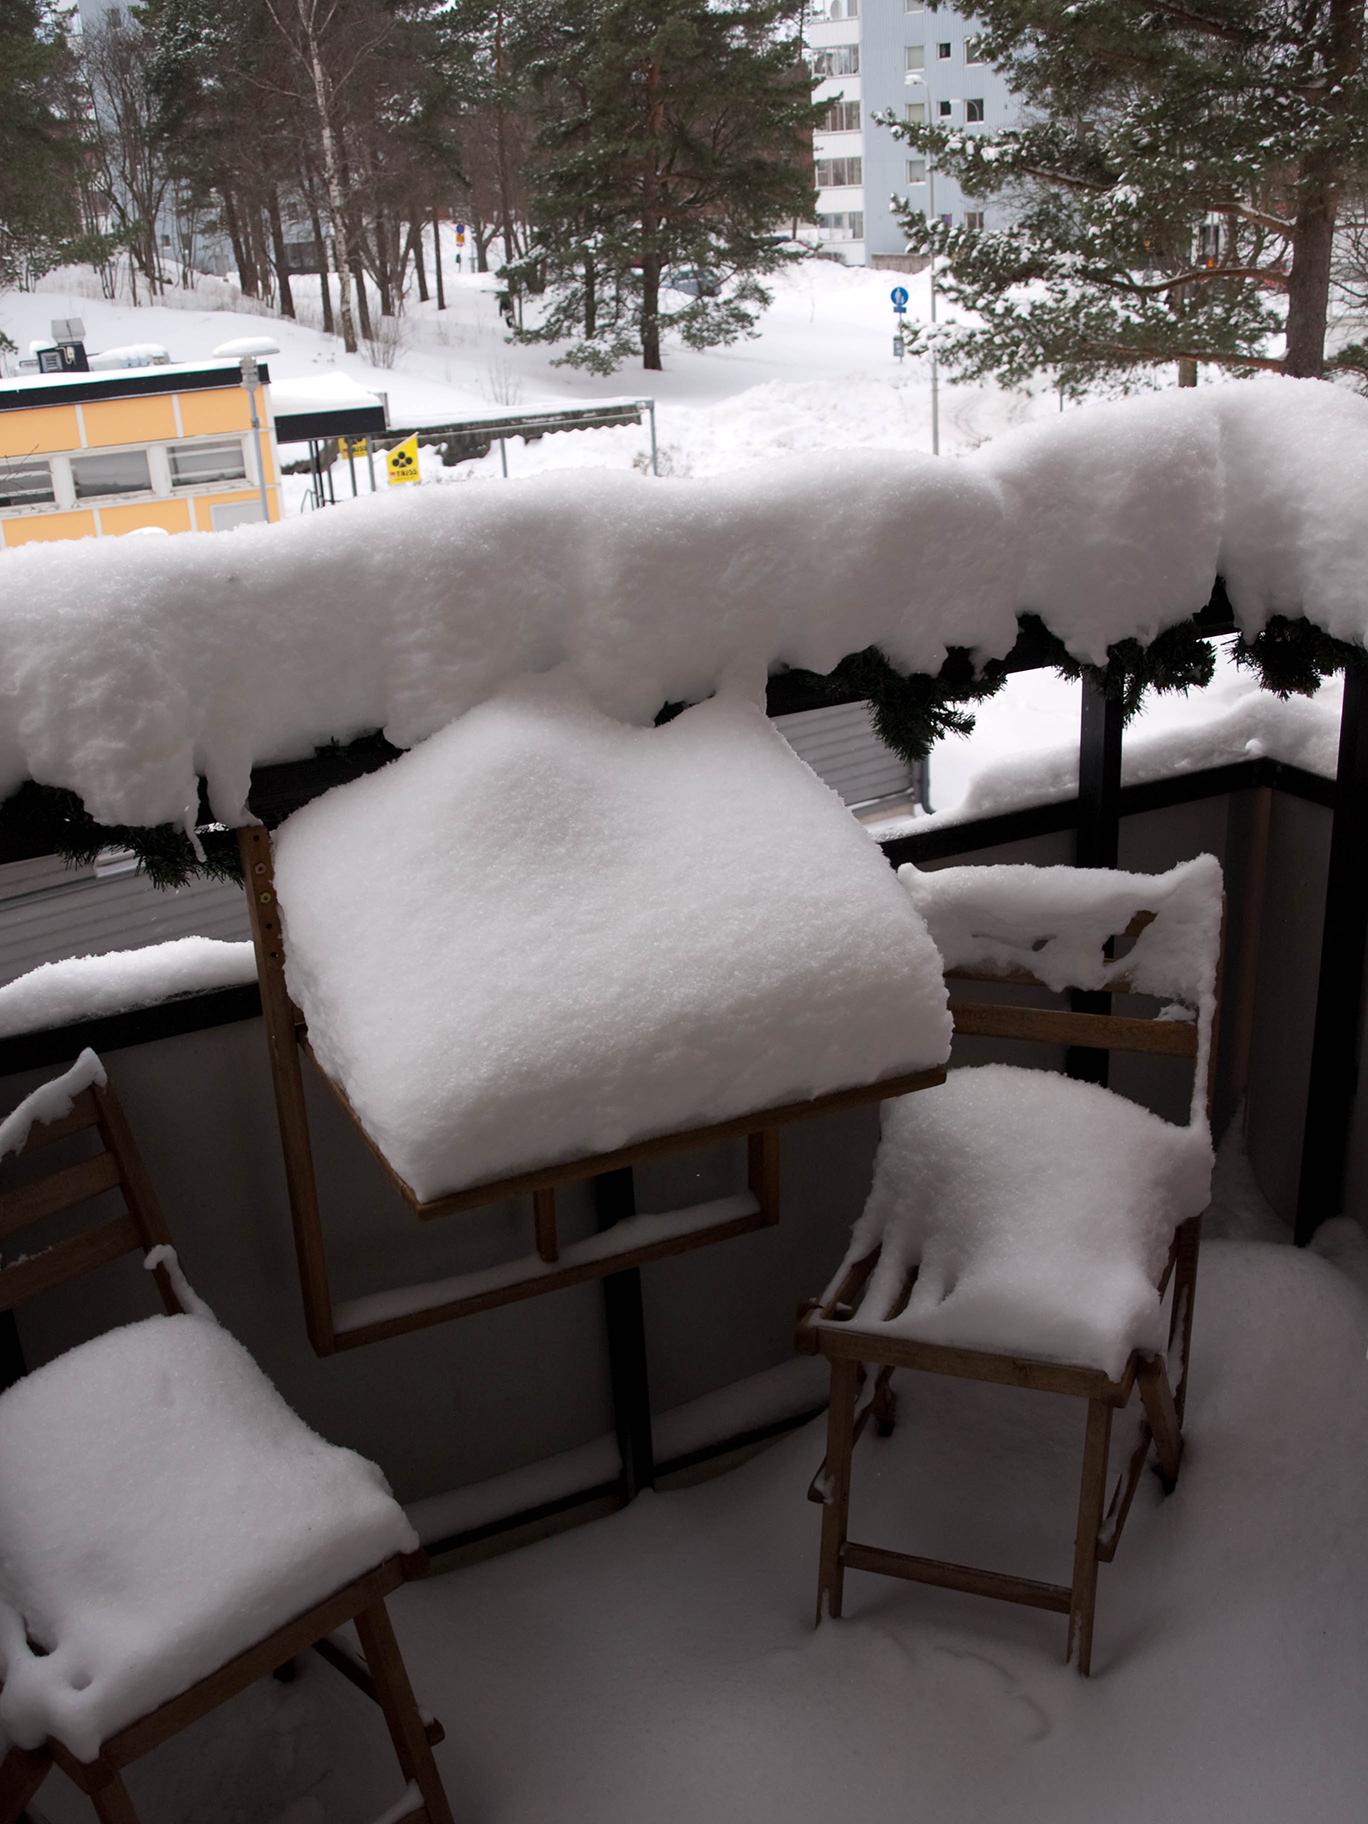 Jag har snö på min balkong, vad har du?